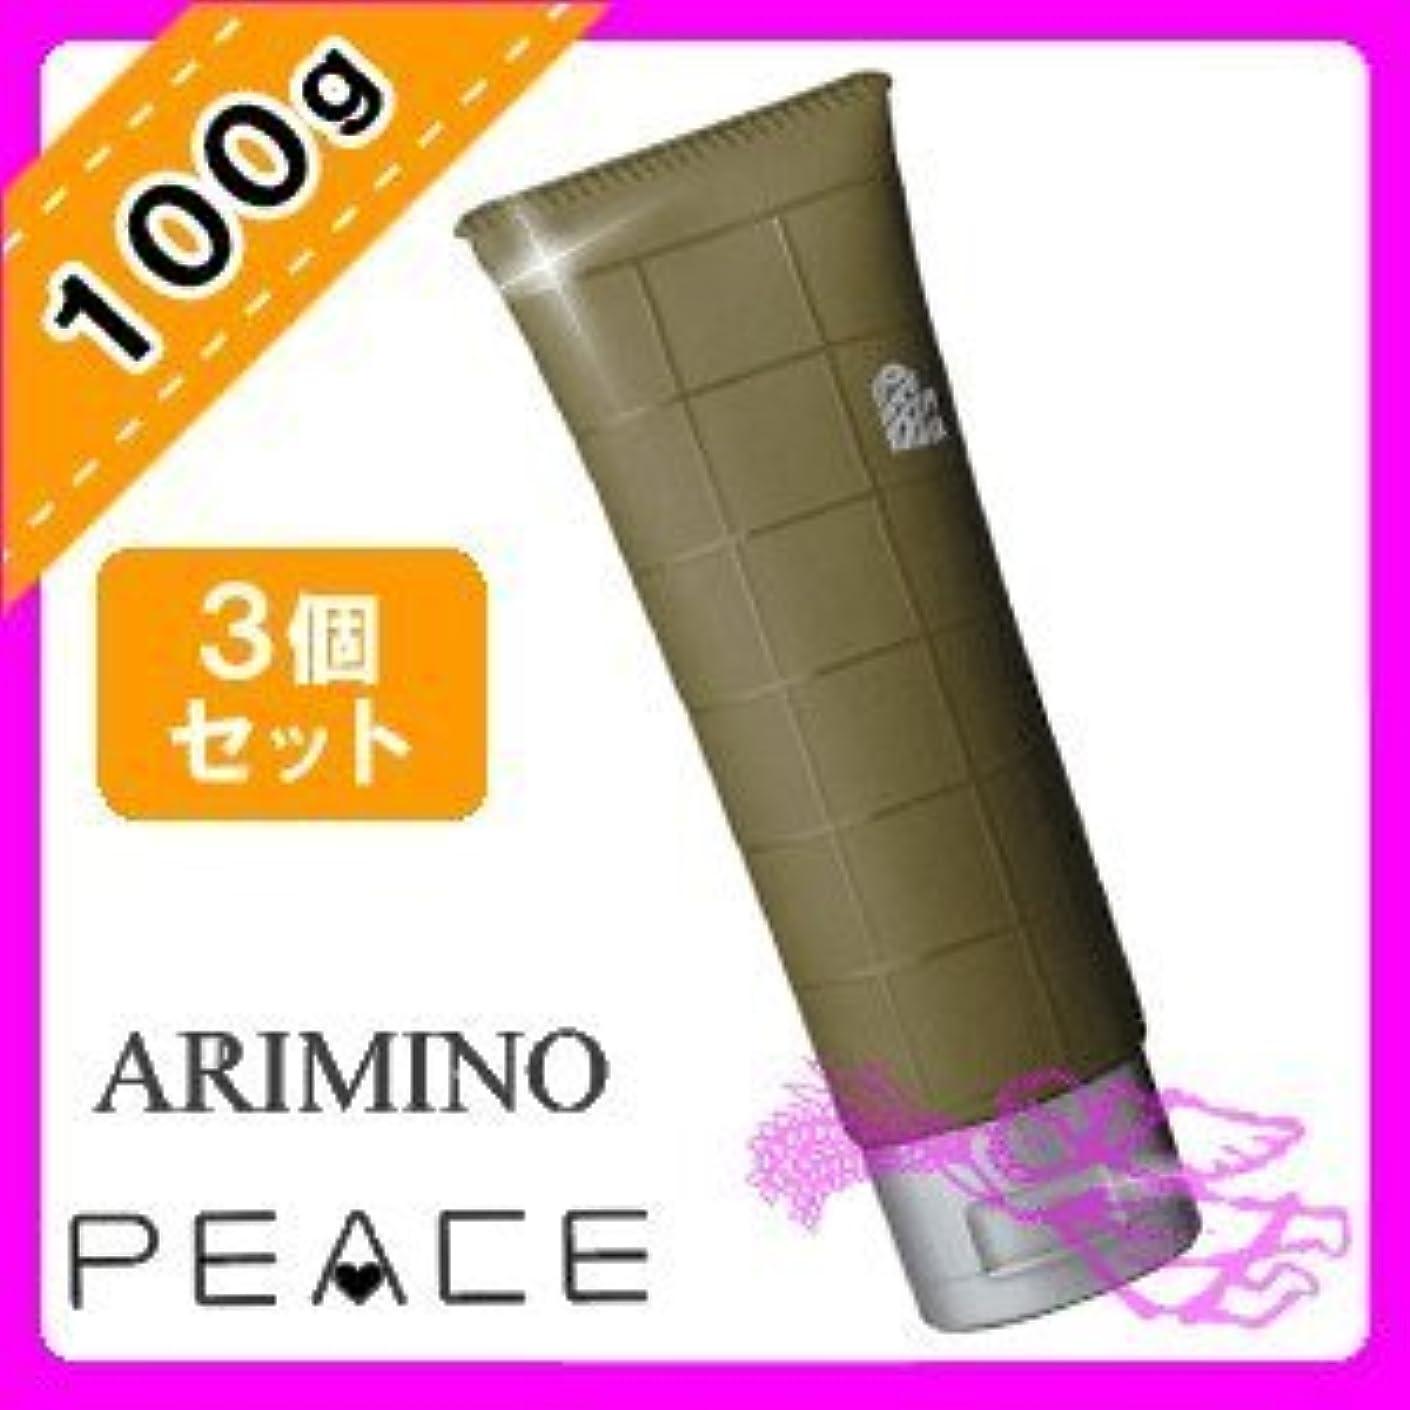 ラップトップマニュアル医療過誤アリミノ ピース ウェットオイル ワックス 100g ×3個セット arimino PEACE